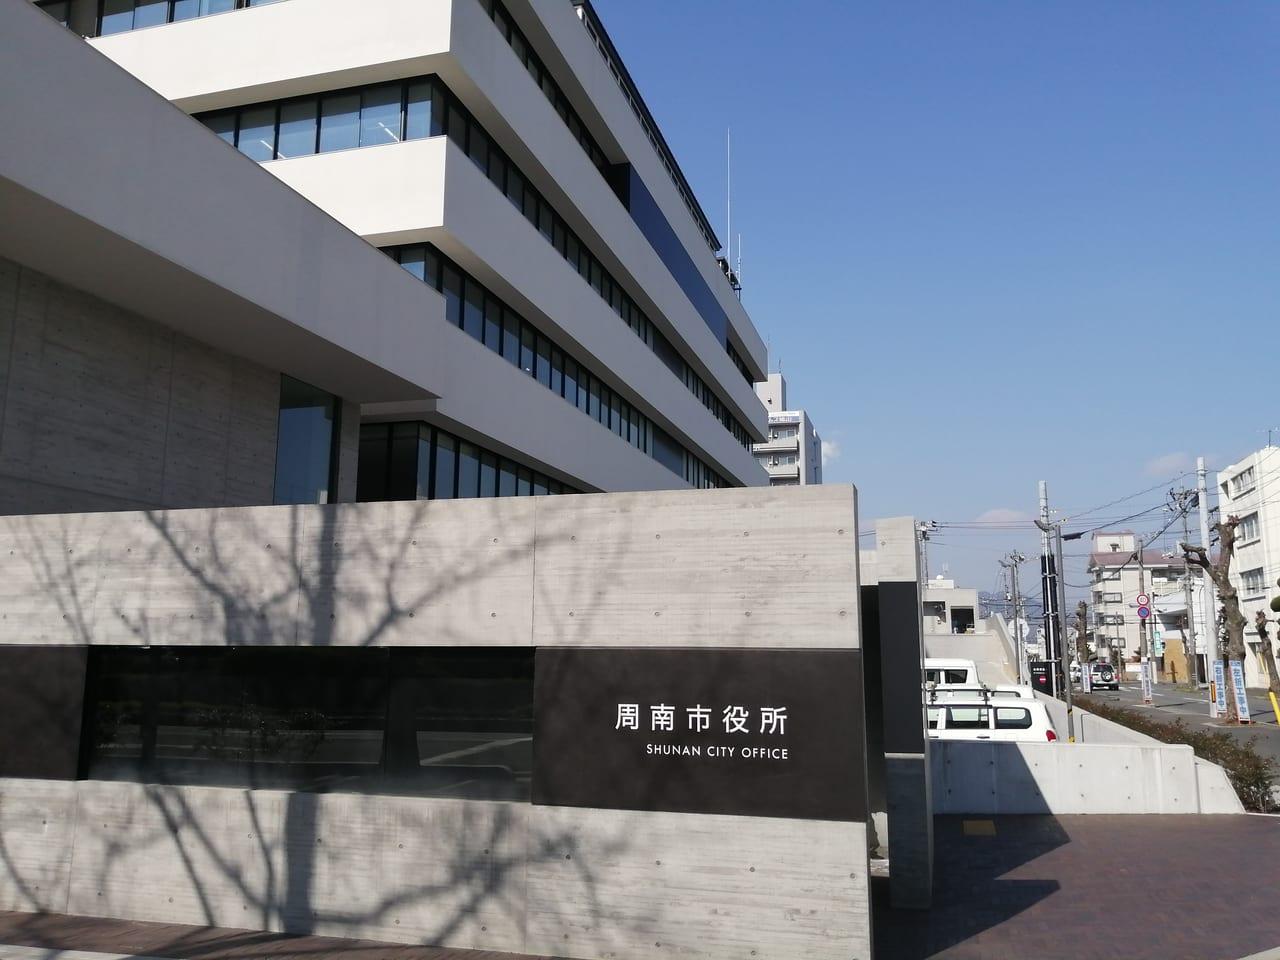 周南市役所